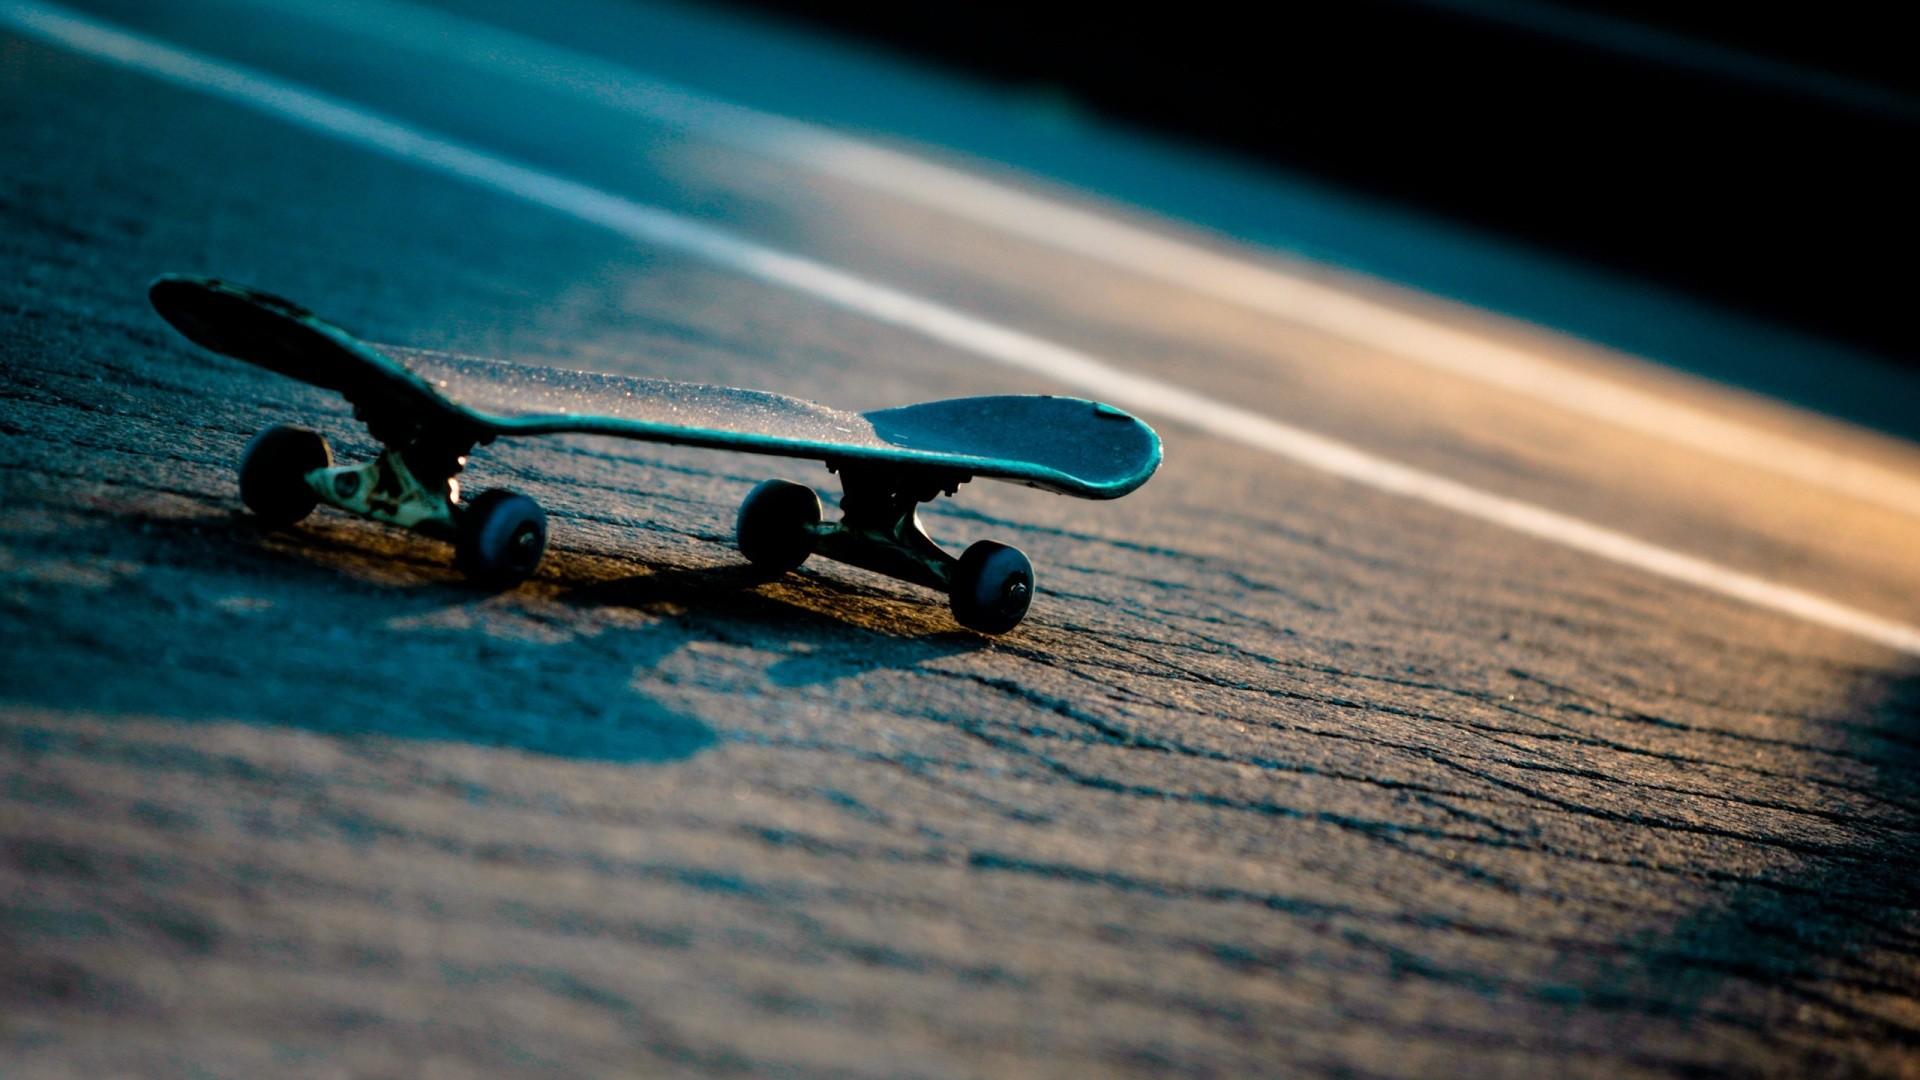 HD Skateboard Wallpapers